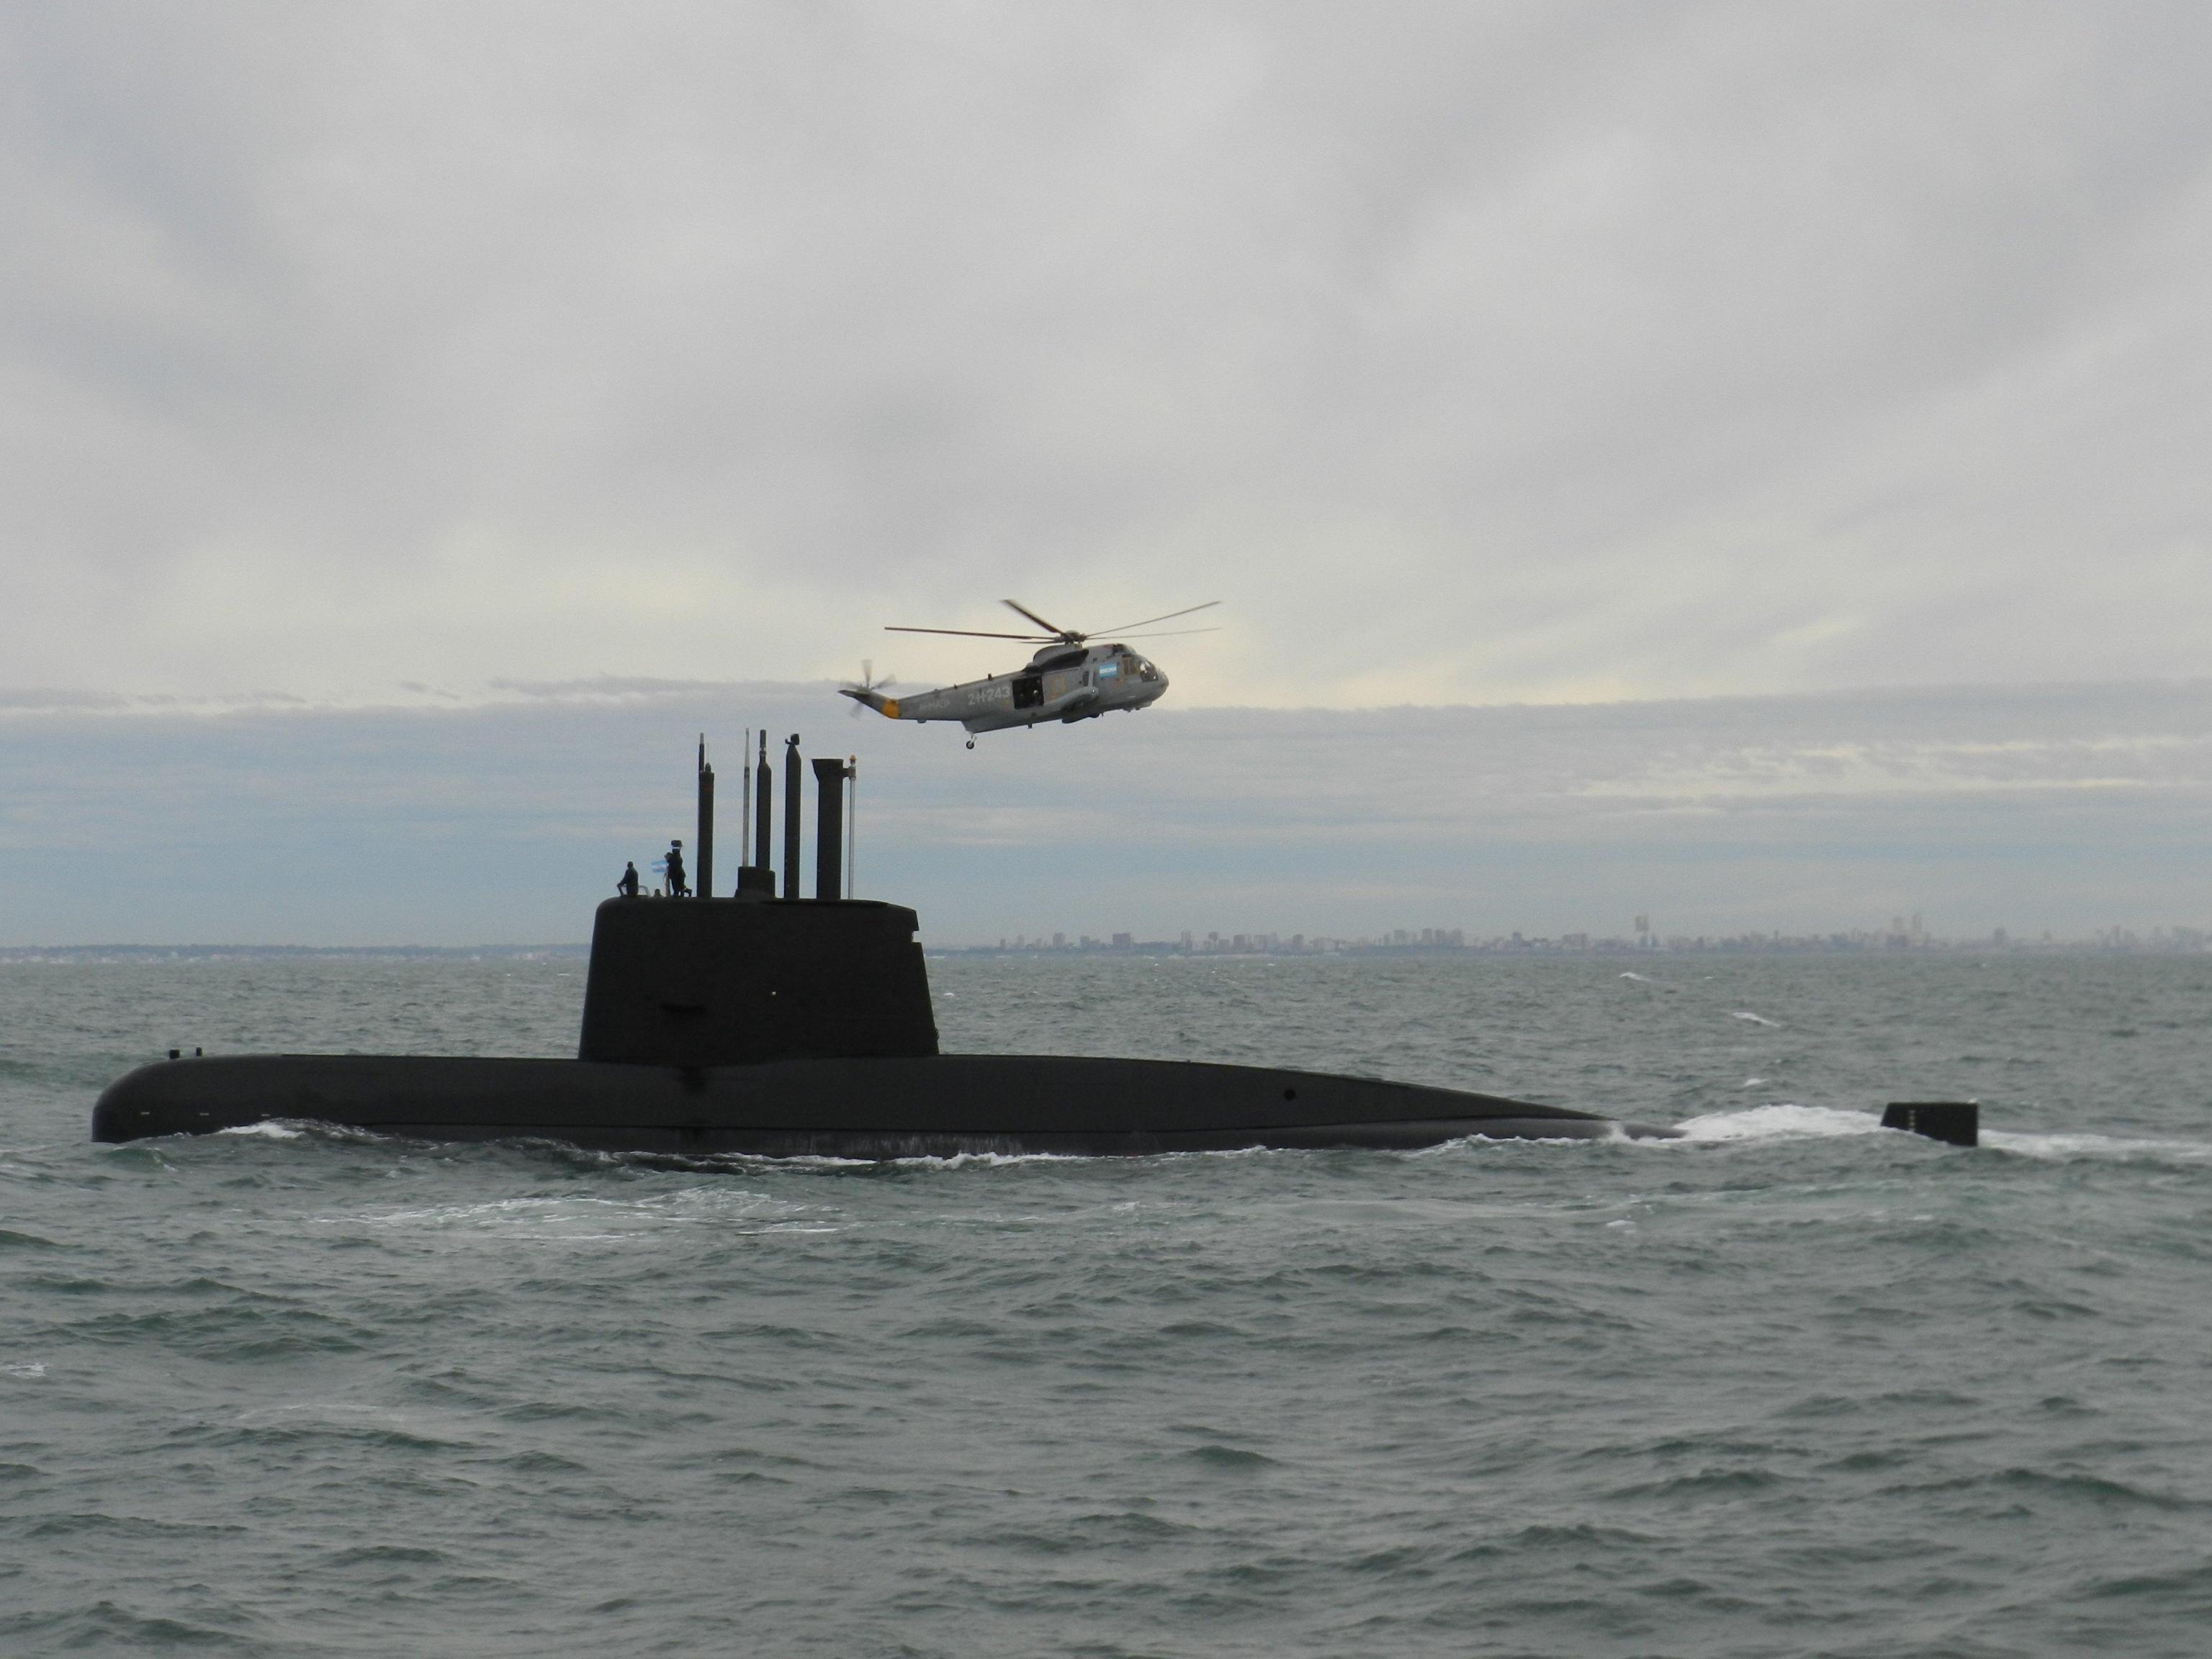 Sottomarino aveva comunicato avaria